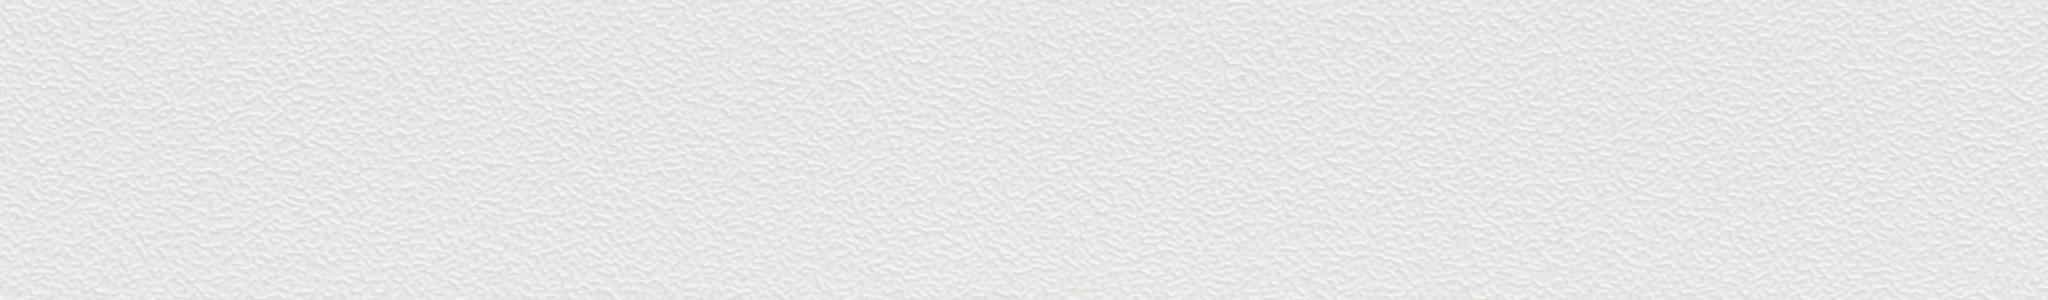 HU 17035 ABS Kante UNI Grau perl 101